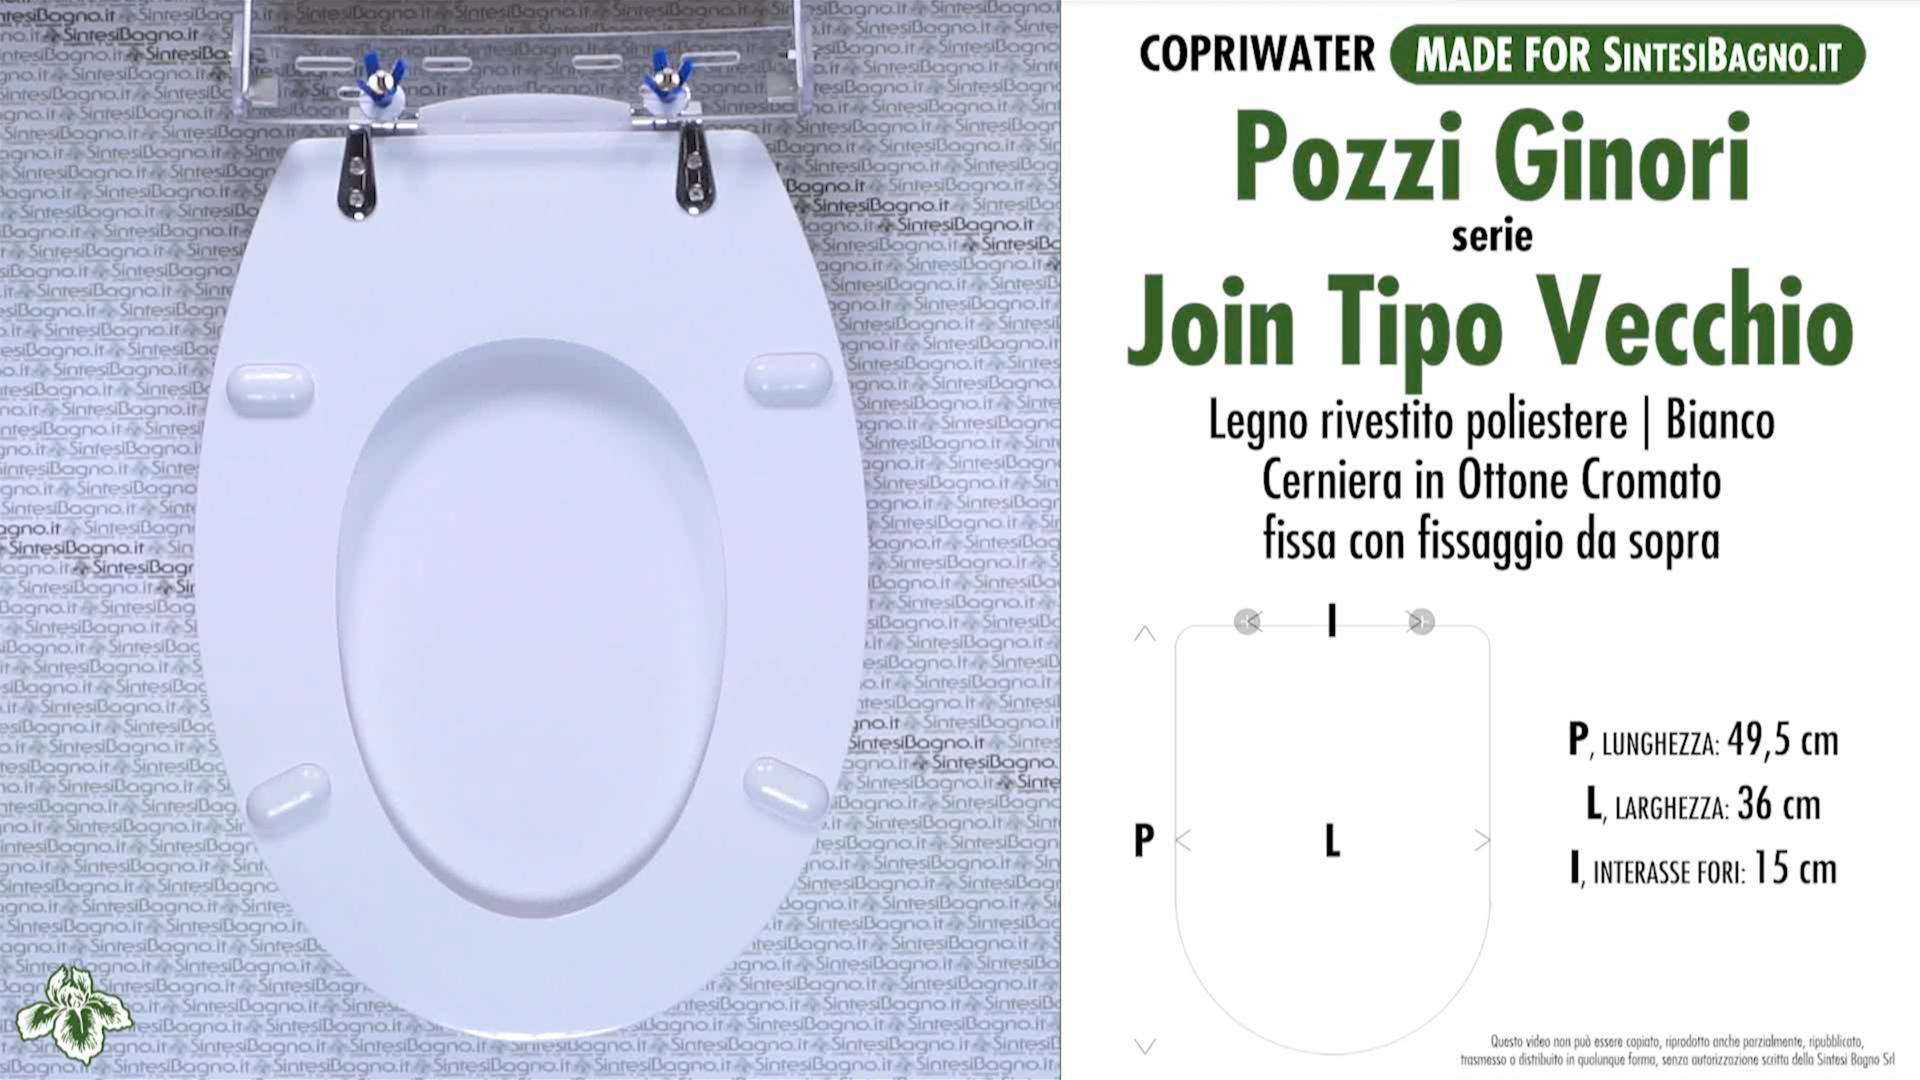 Sedile Per Water Pozzi Ginori.Copriwater Per Wc Join T V Pozzi Ginori Ricambio Dedicato Legno Rivestito Sintesibagno Shop Online